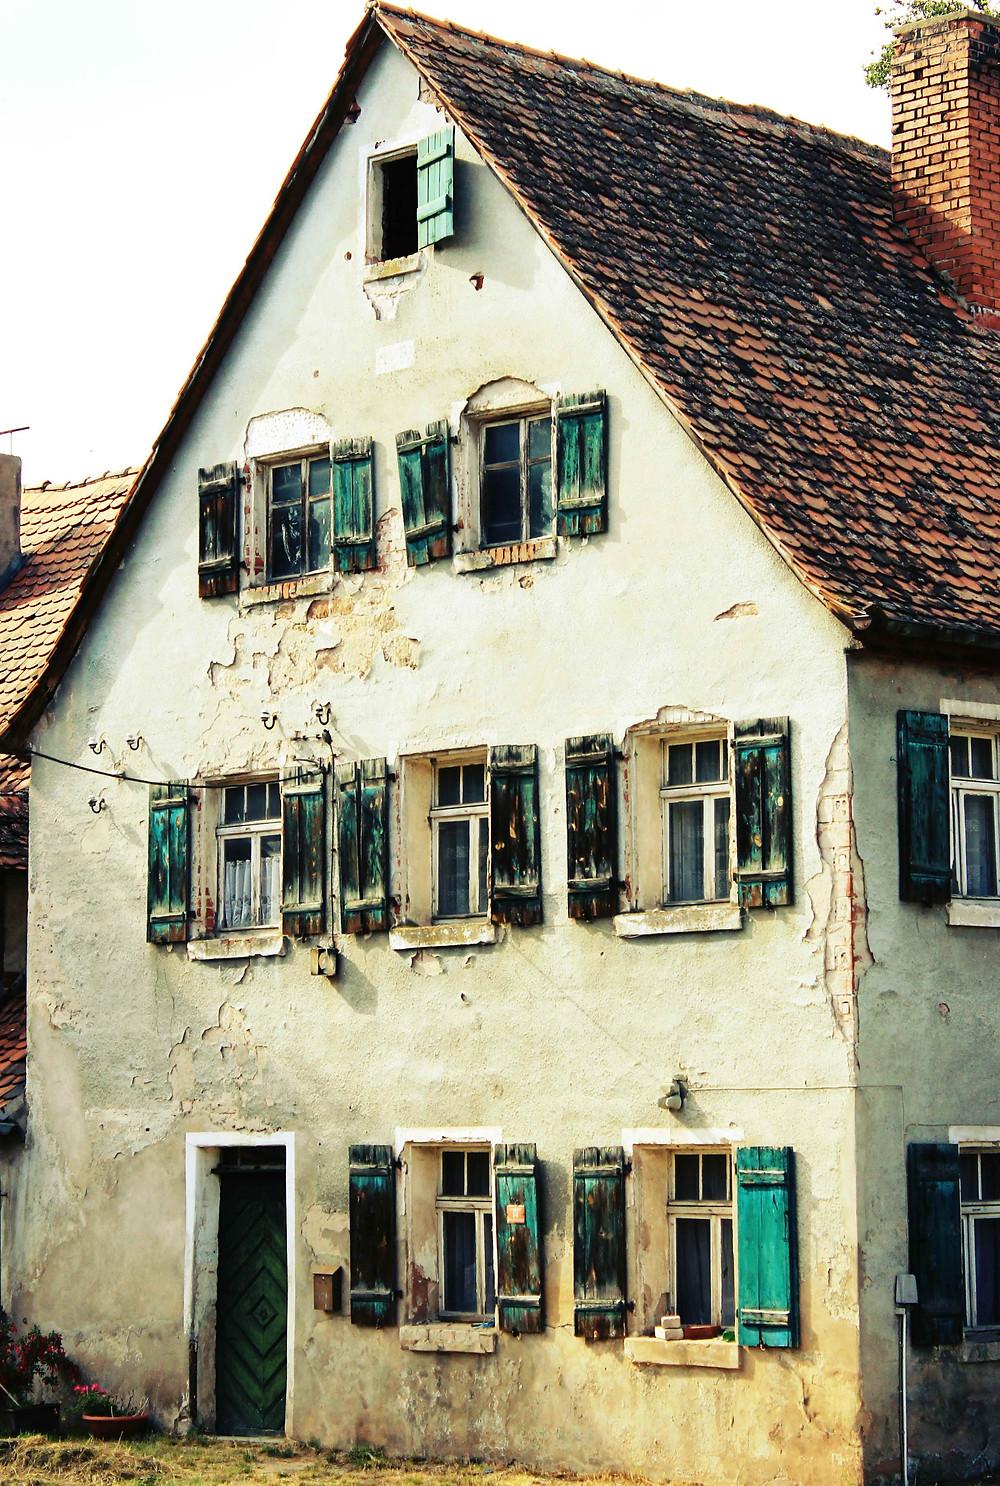 Ein altes leerstehendes Haus